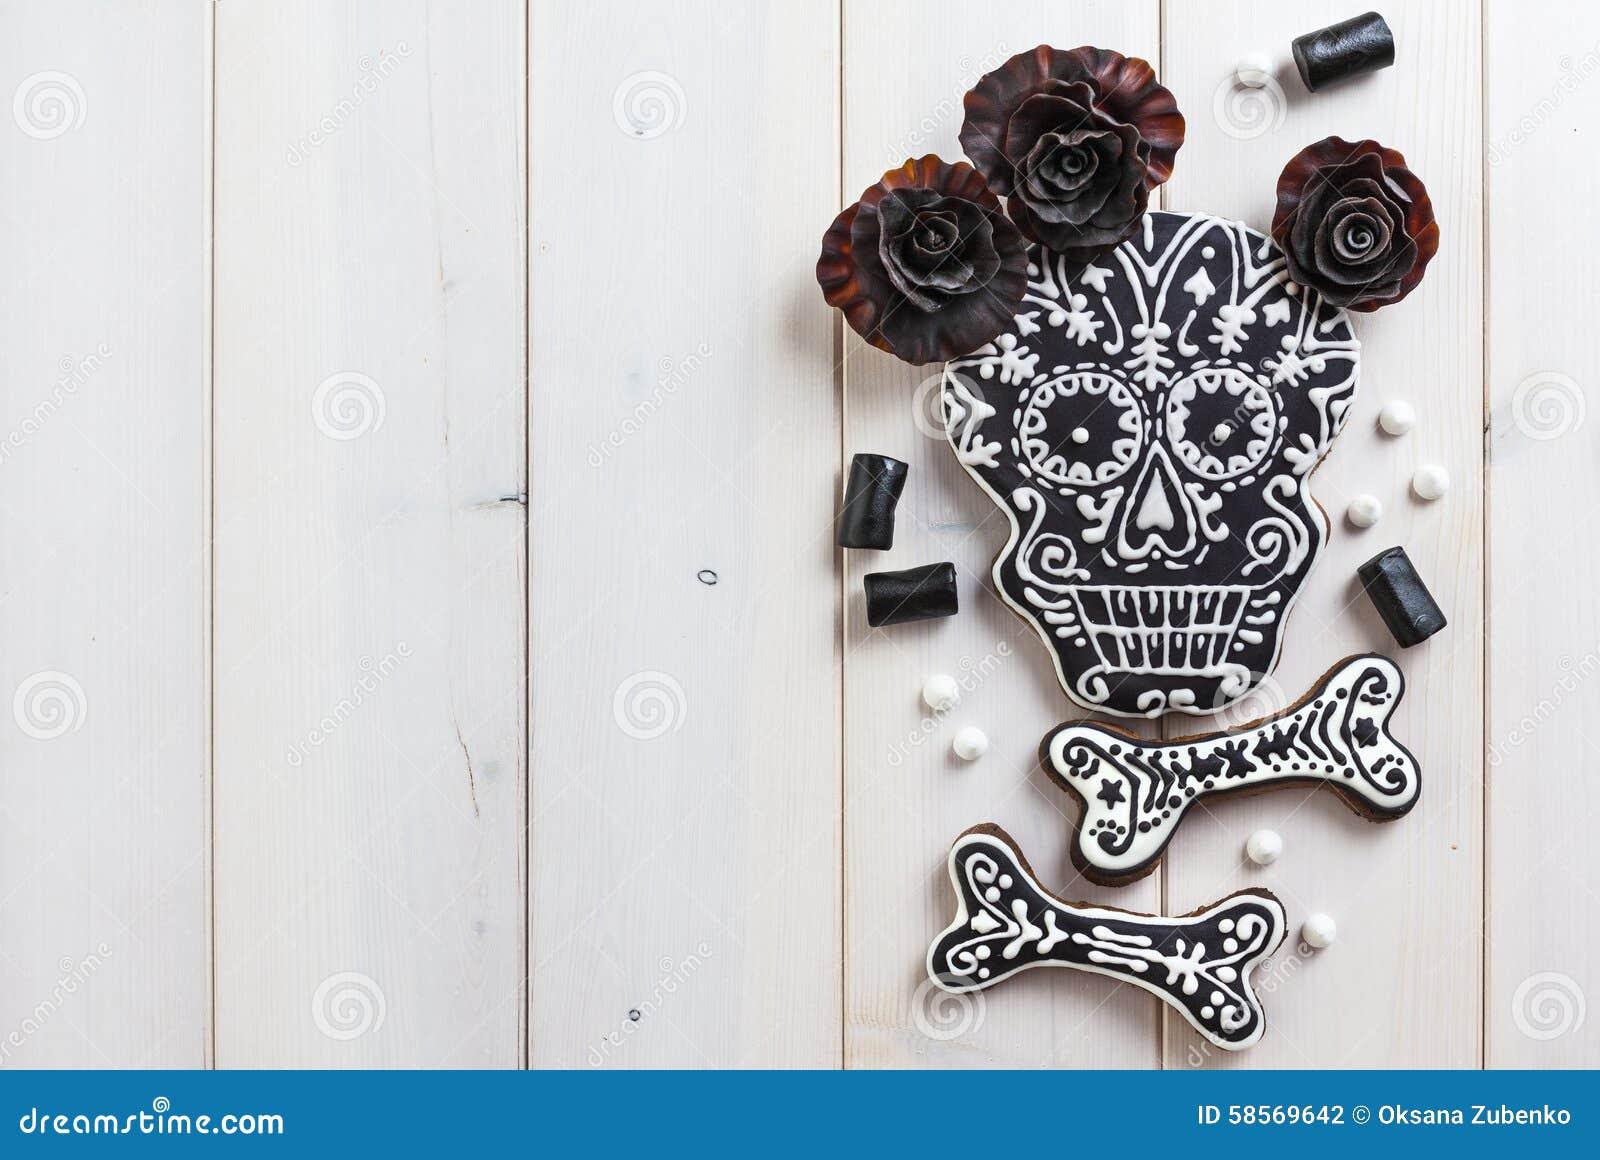 Galletas hechas en casa del cráneo para Halloween